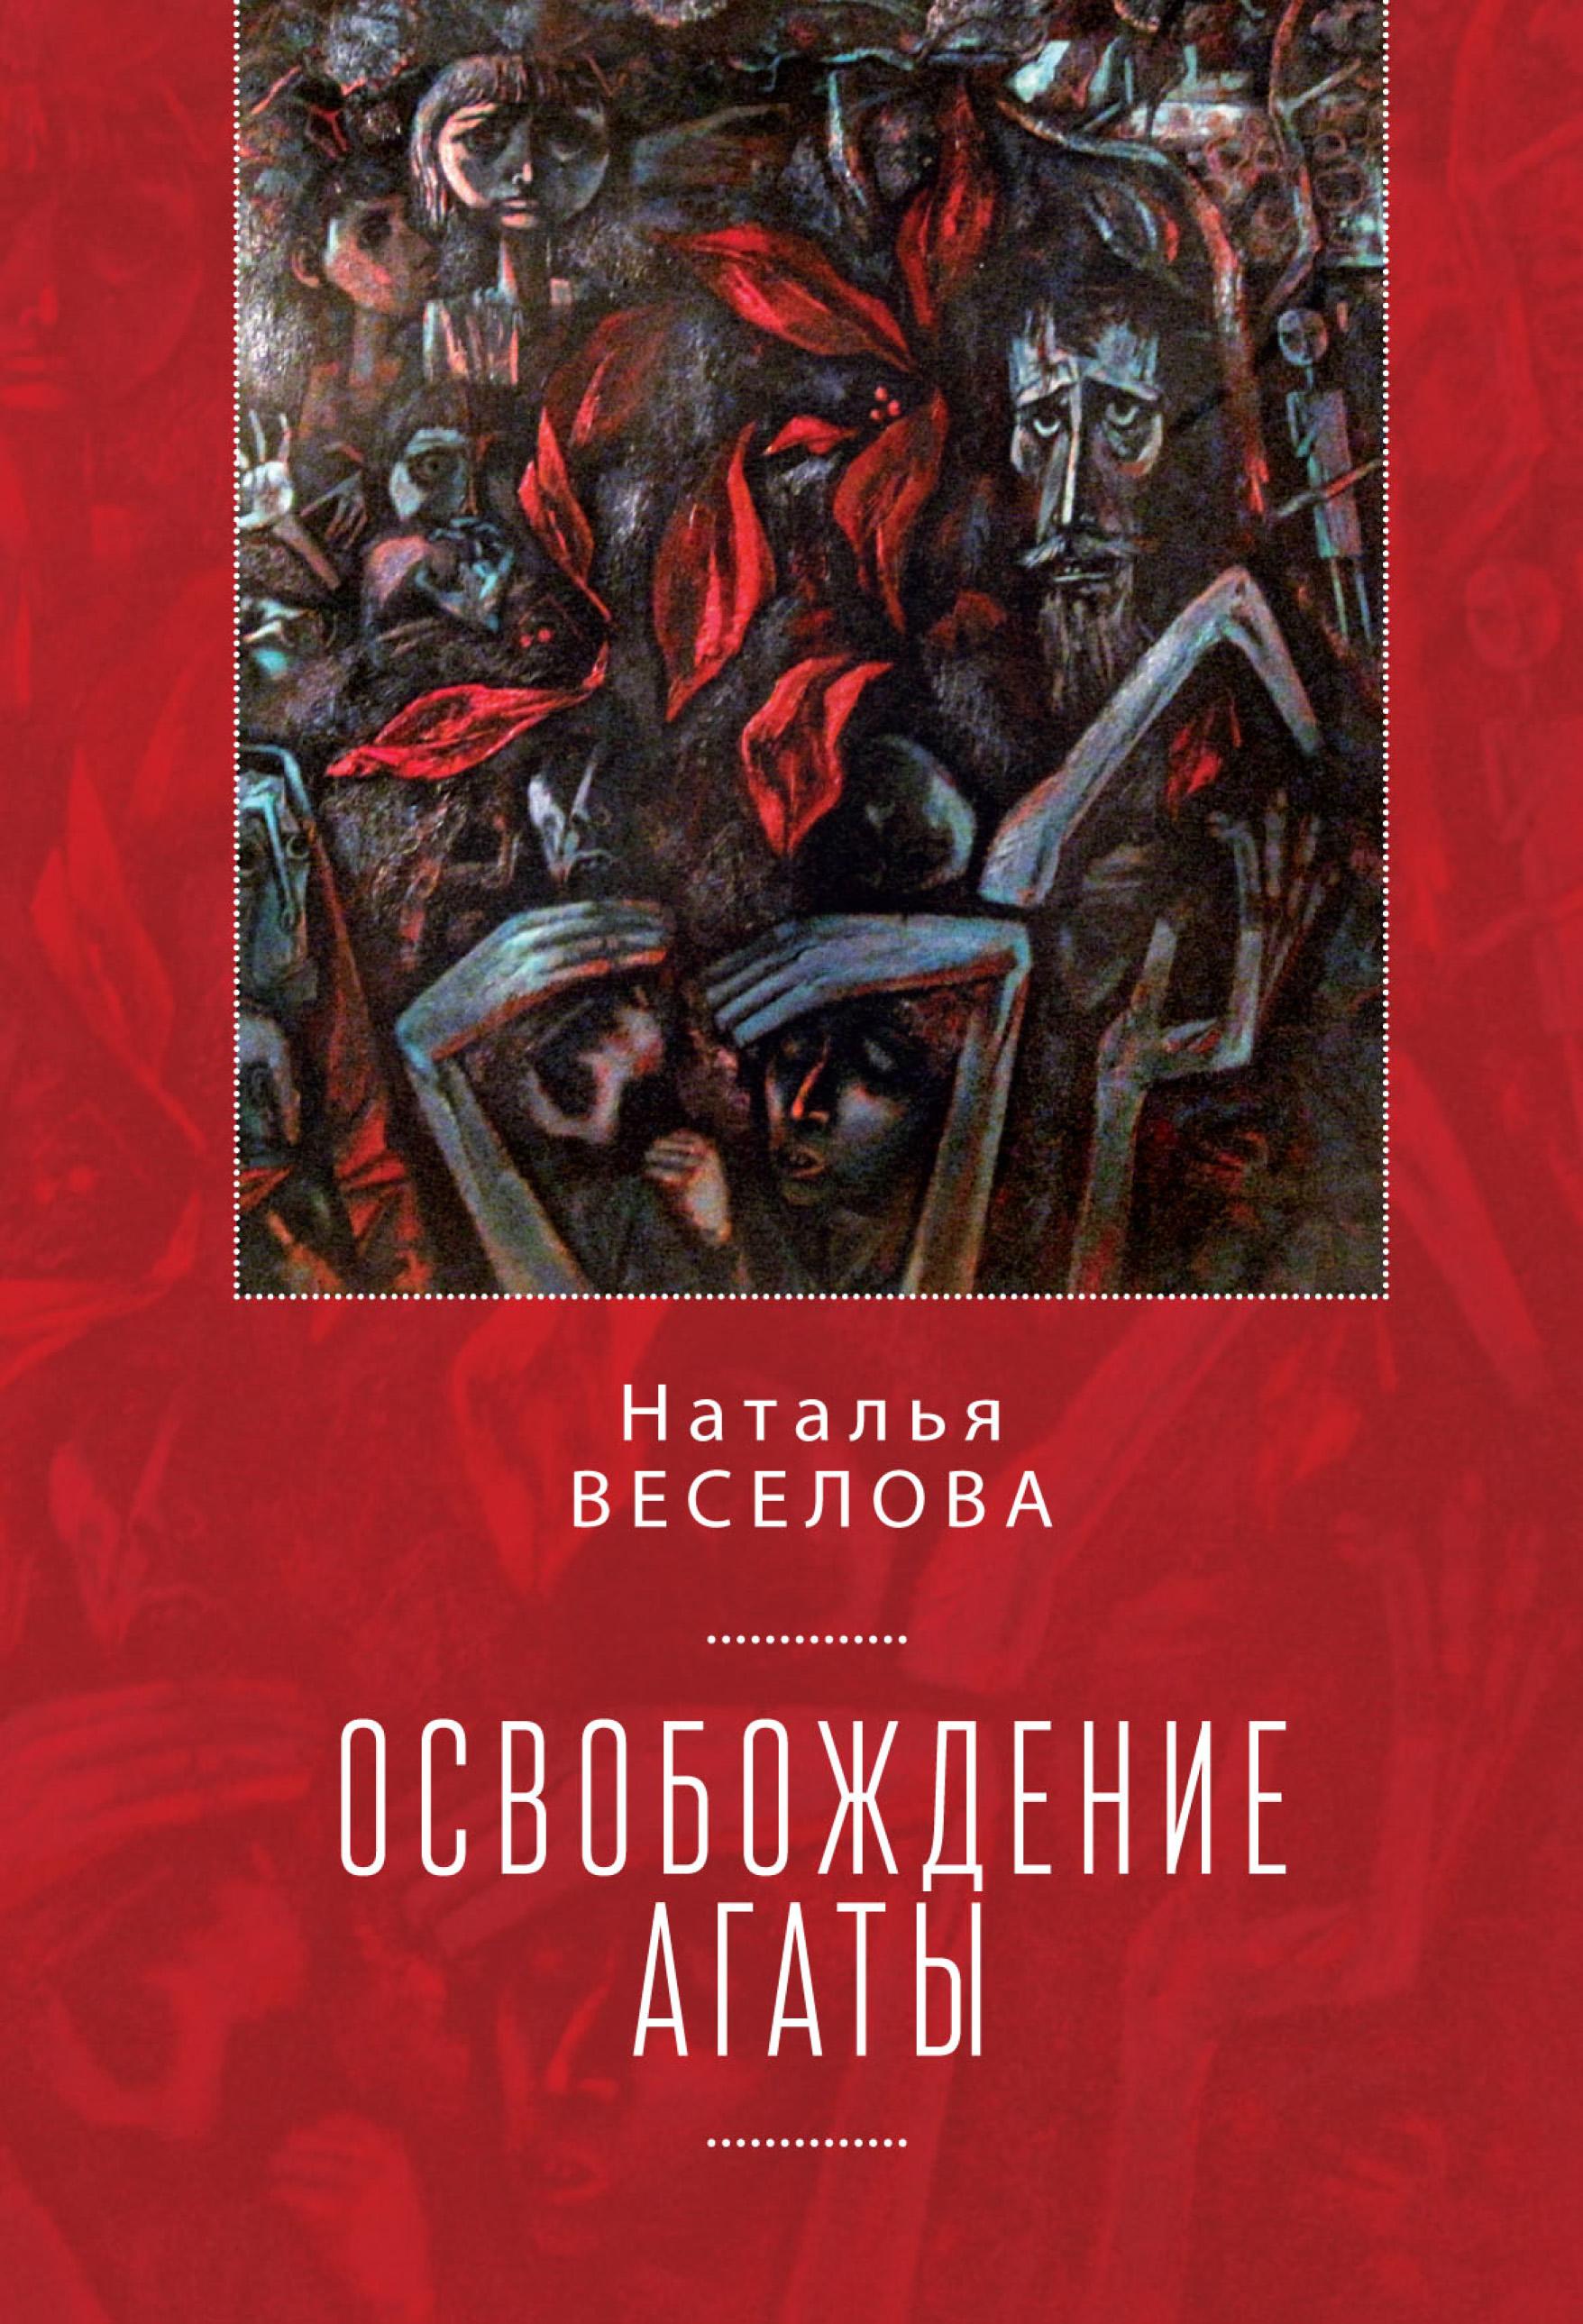 Наталья Веселова Освобождение Агаты (сборник) анташкевич е харбин освобождение роман